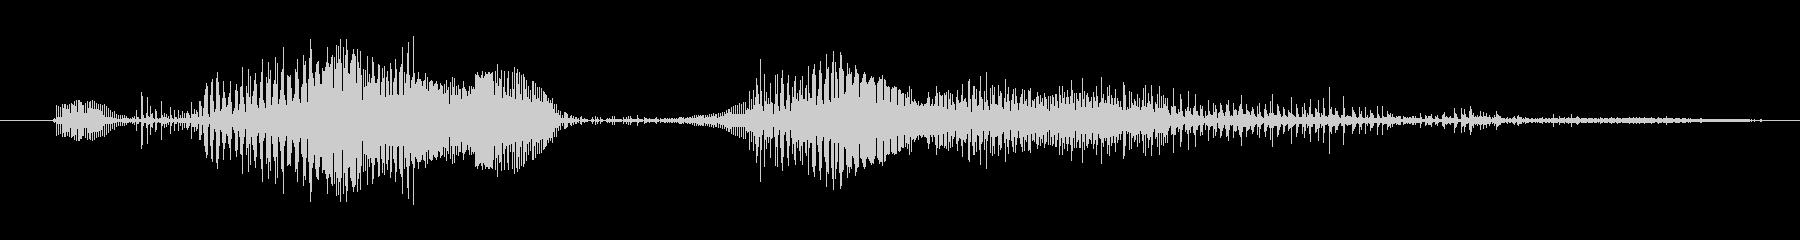 モンスター ダイハイ01の未再生の波形